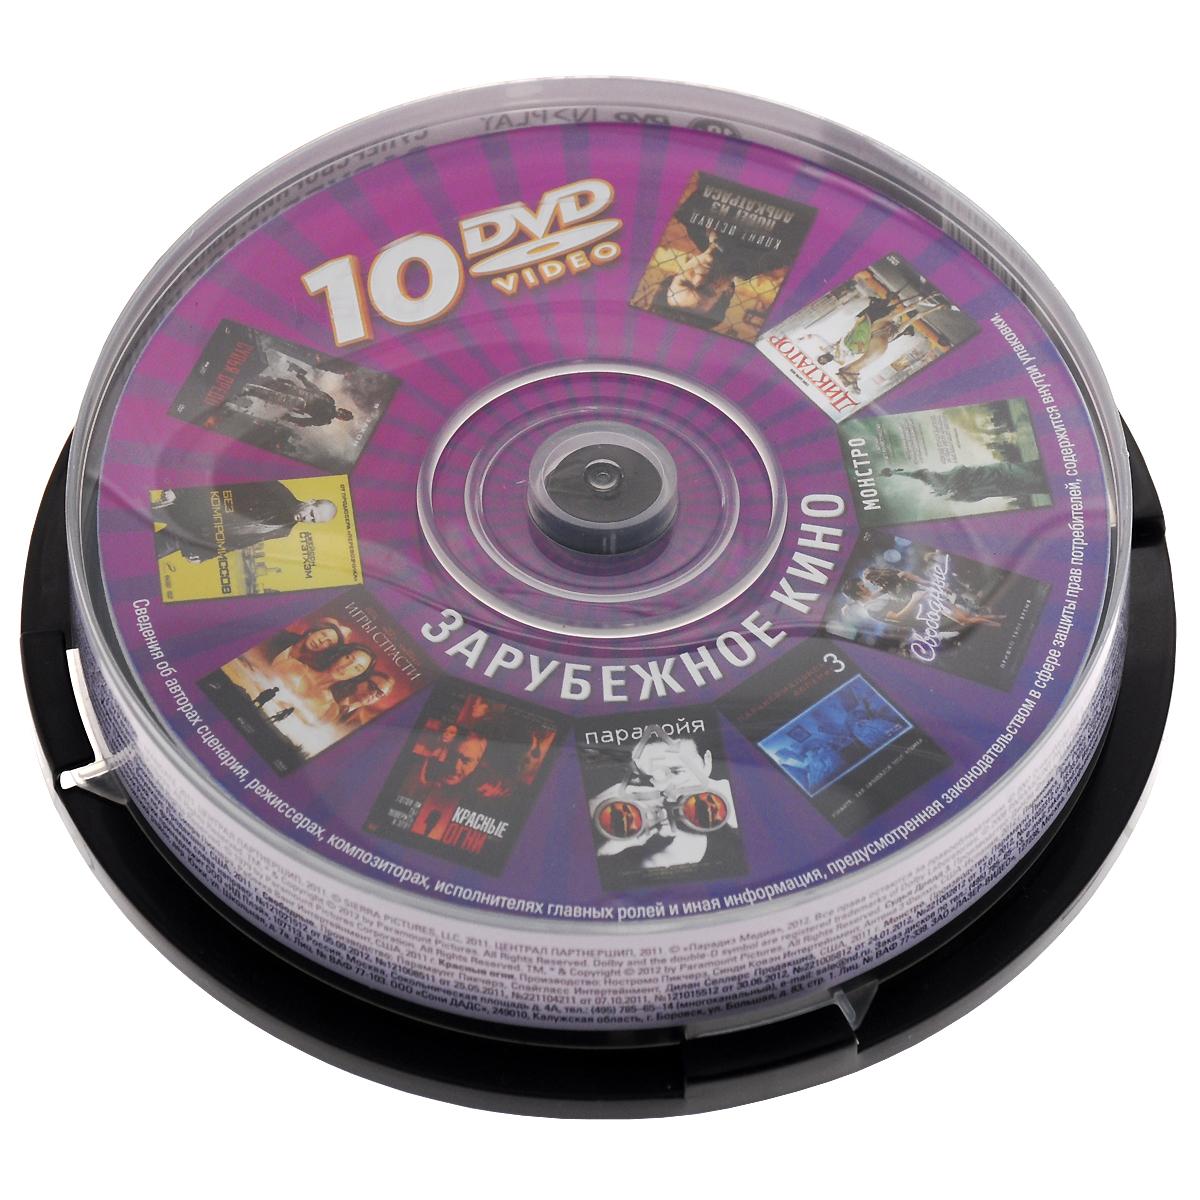 Суперсборник: Выпуск 2: Зарубежное кино (10 DVD)